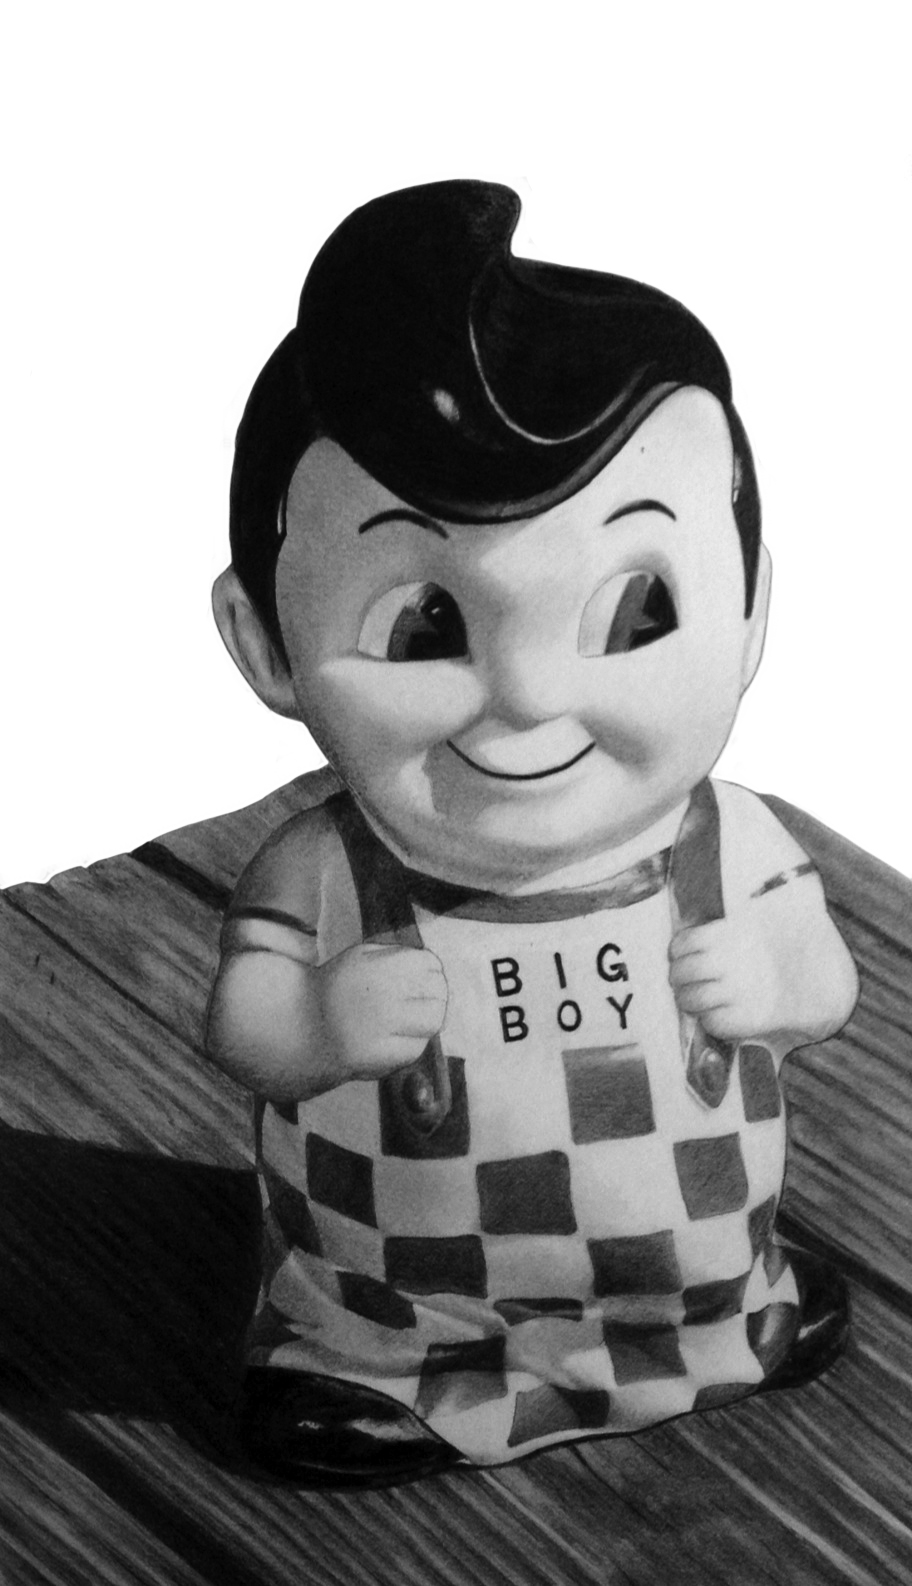 webbigboy1.jpg